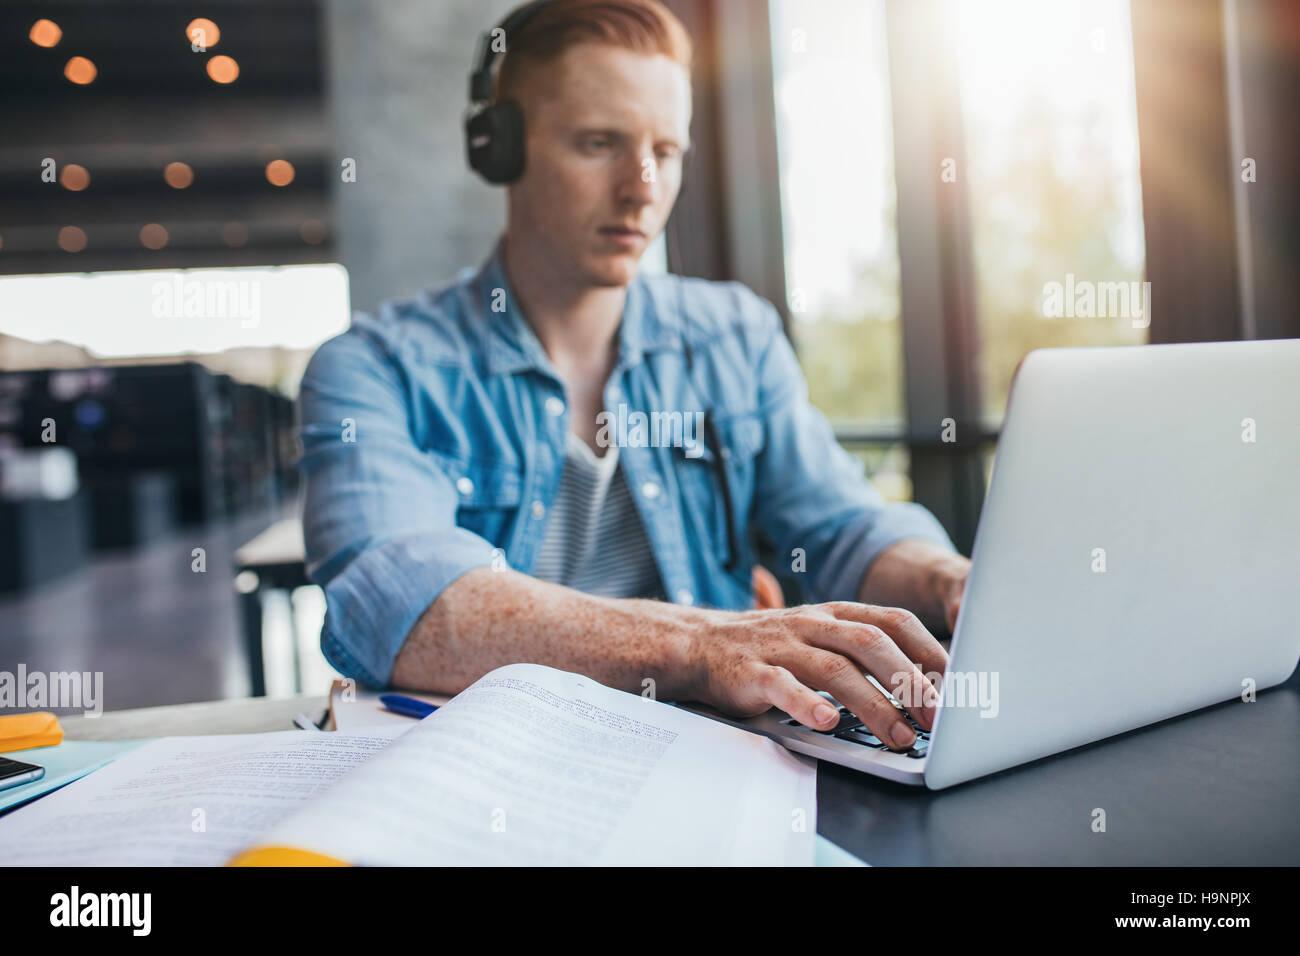 Studente maschio in biblioteca universitaria utilizzando laptop. Giovane uomo che studiano nella scuola di assegnazione. Immagini Stock